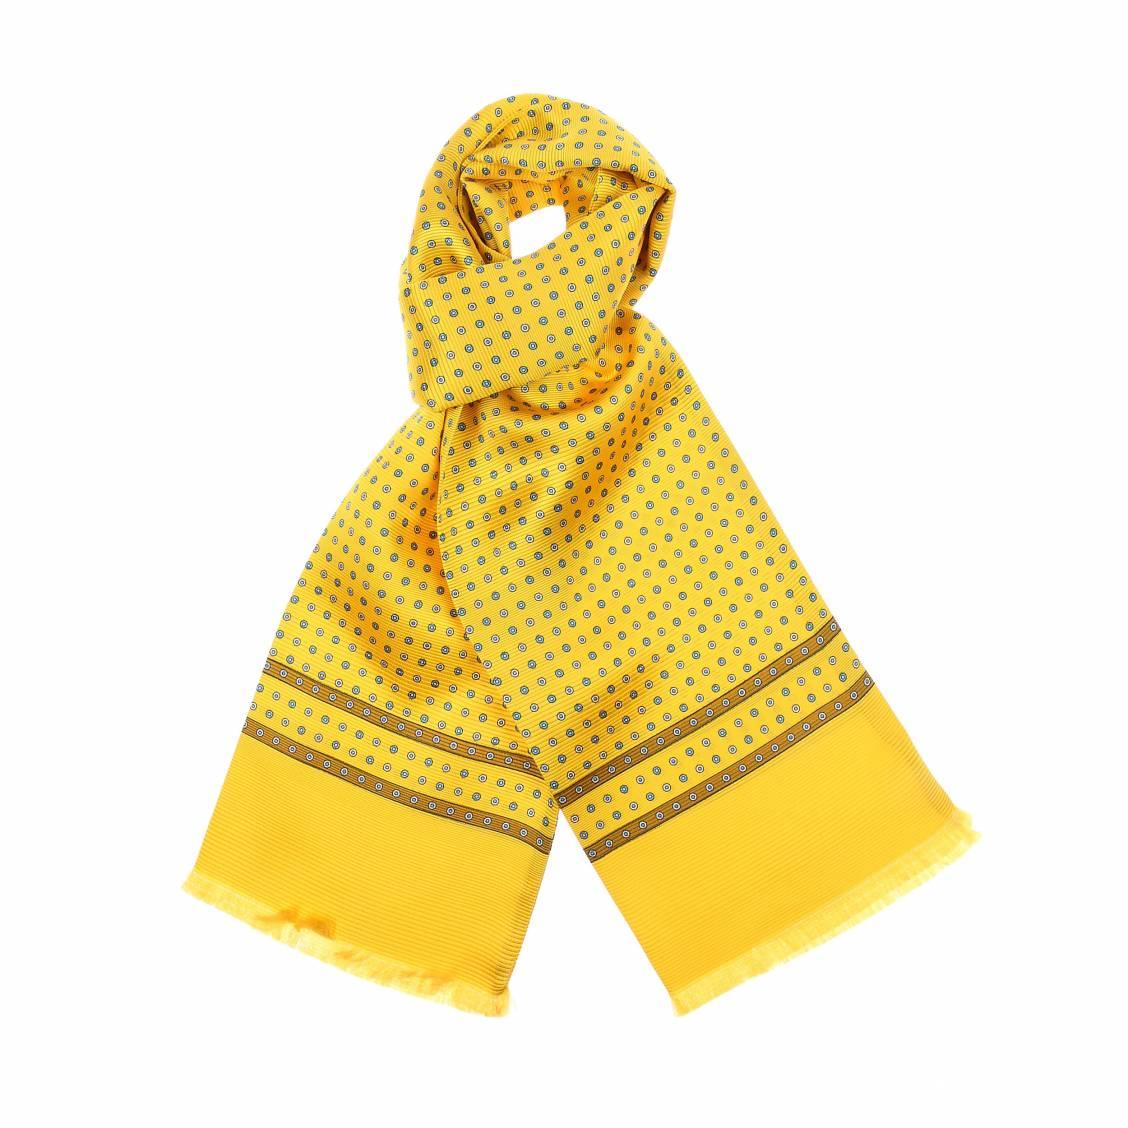 Echarpe en soie jaune à motifs ronds bleus et jaune pâle